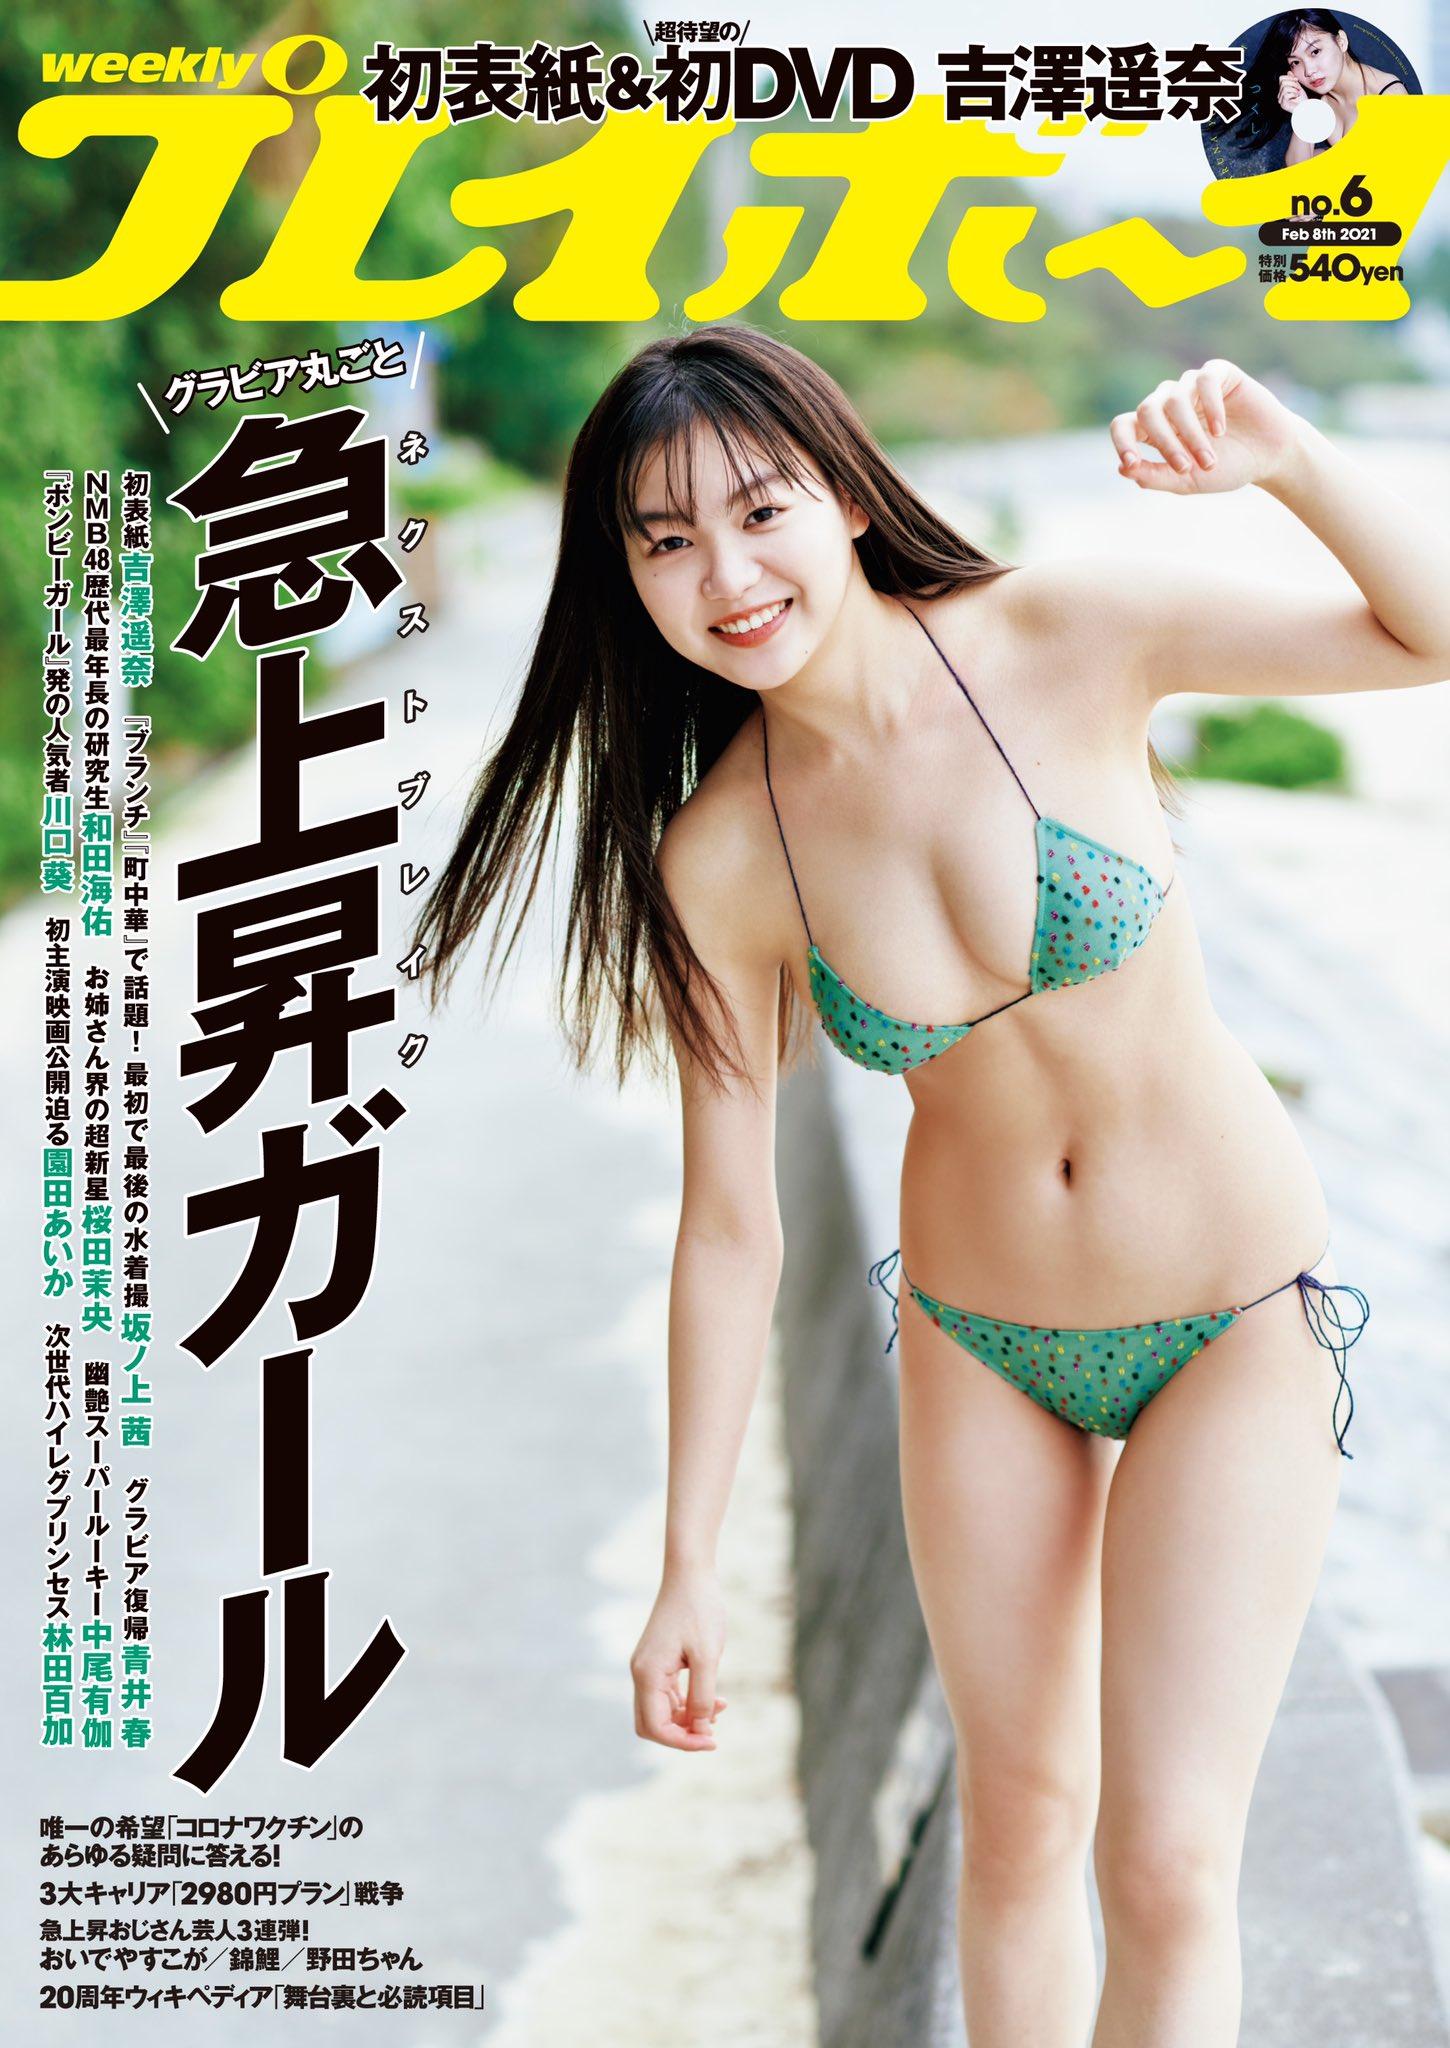 【朗報】吉澤遥奈(18)、166cmスレンダー巨乳で完璧エッチ女体